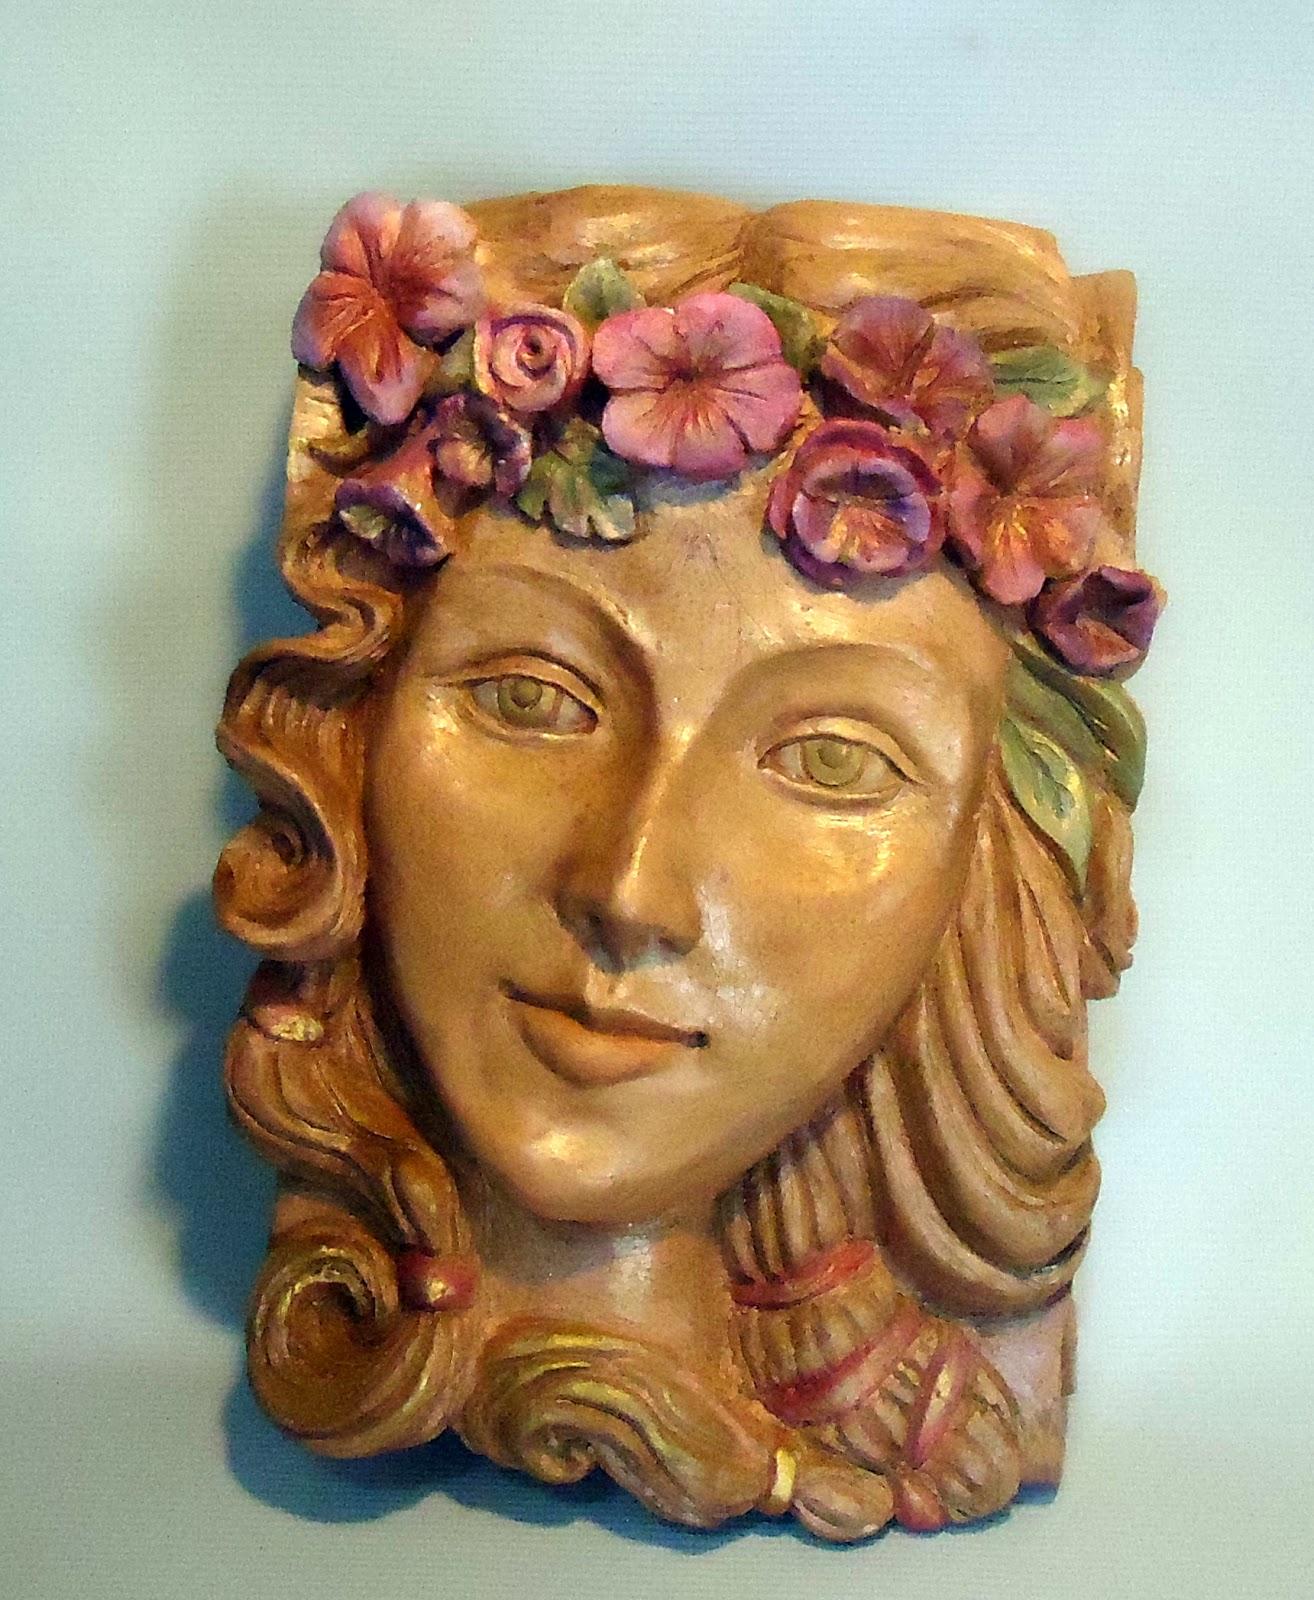 Ariadne escultura em terracota for Ariadne artiles listal